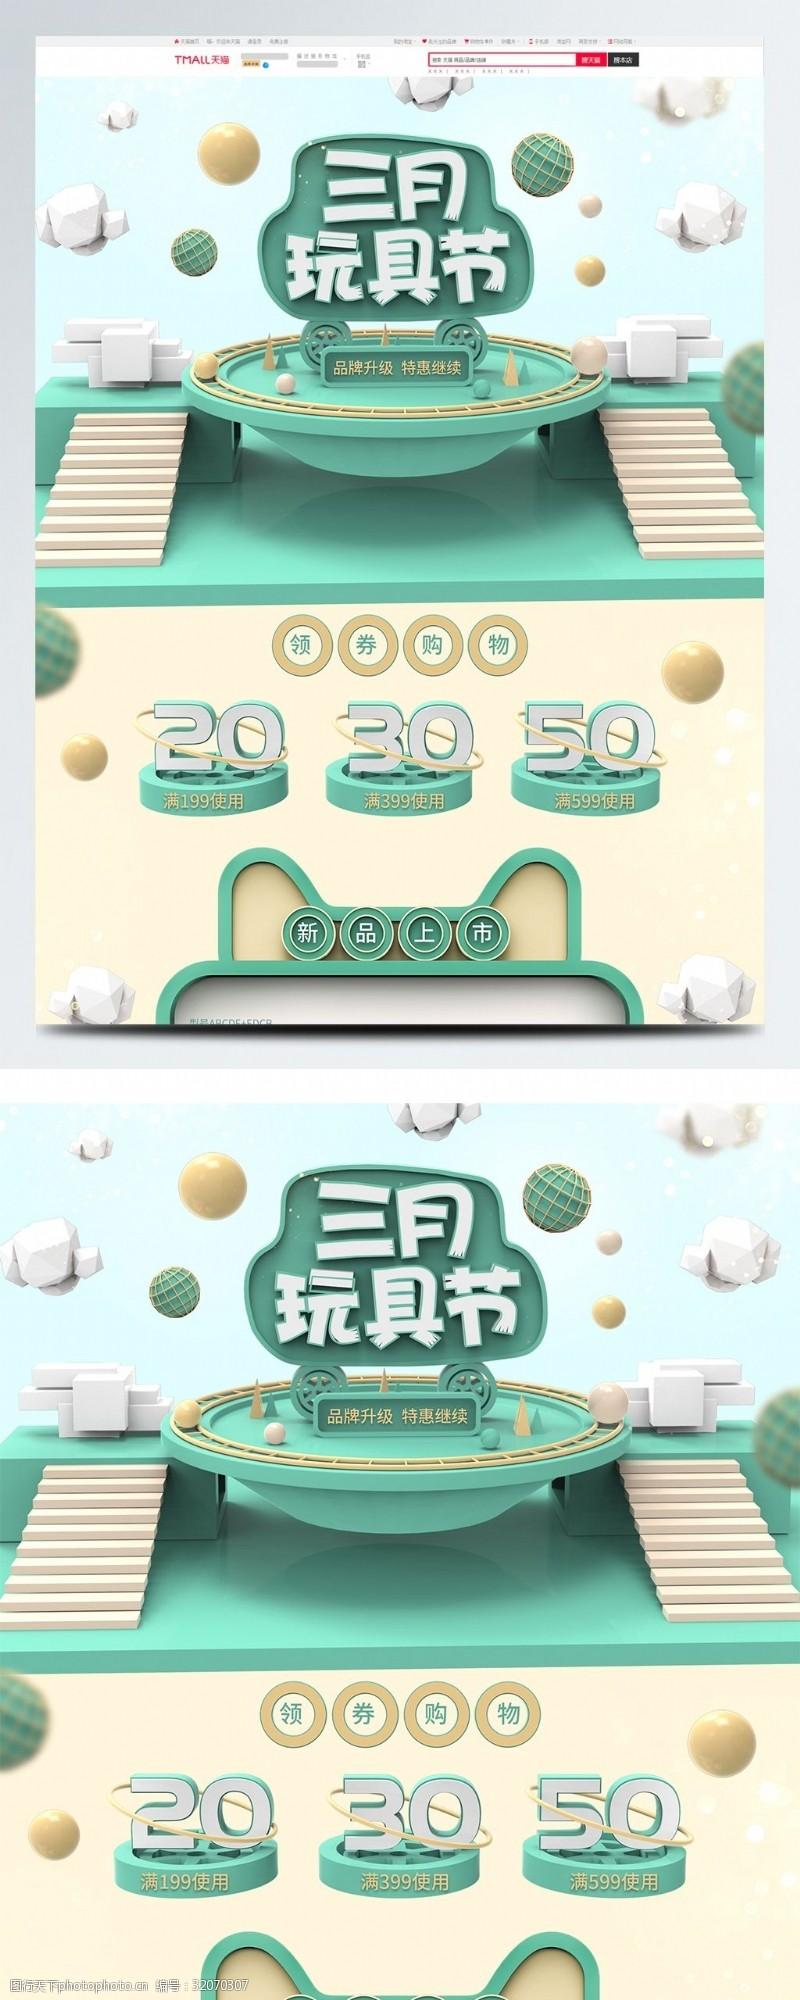 球车三月玩具节电商天猫C4D首页模板